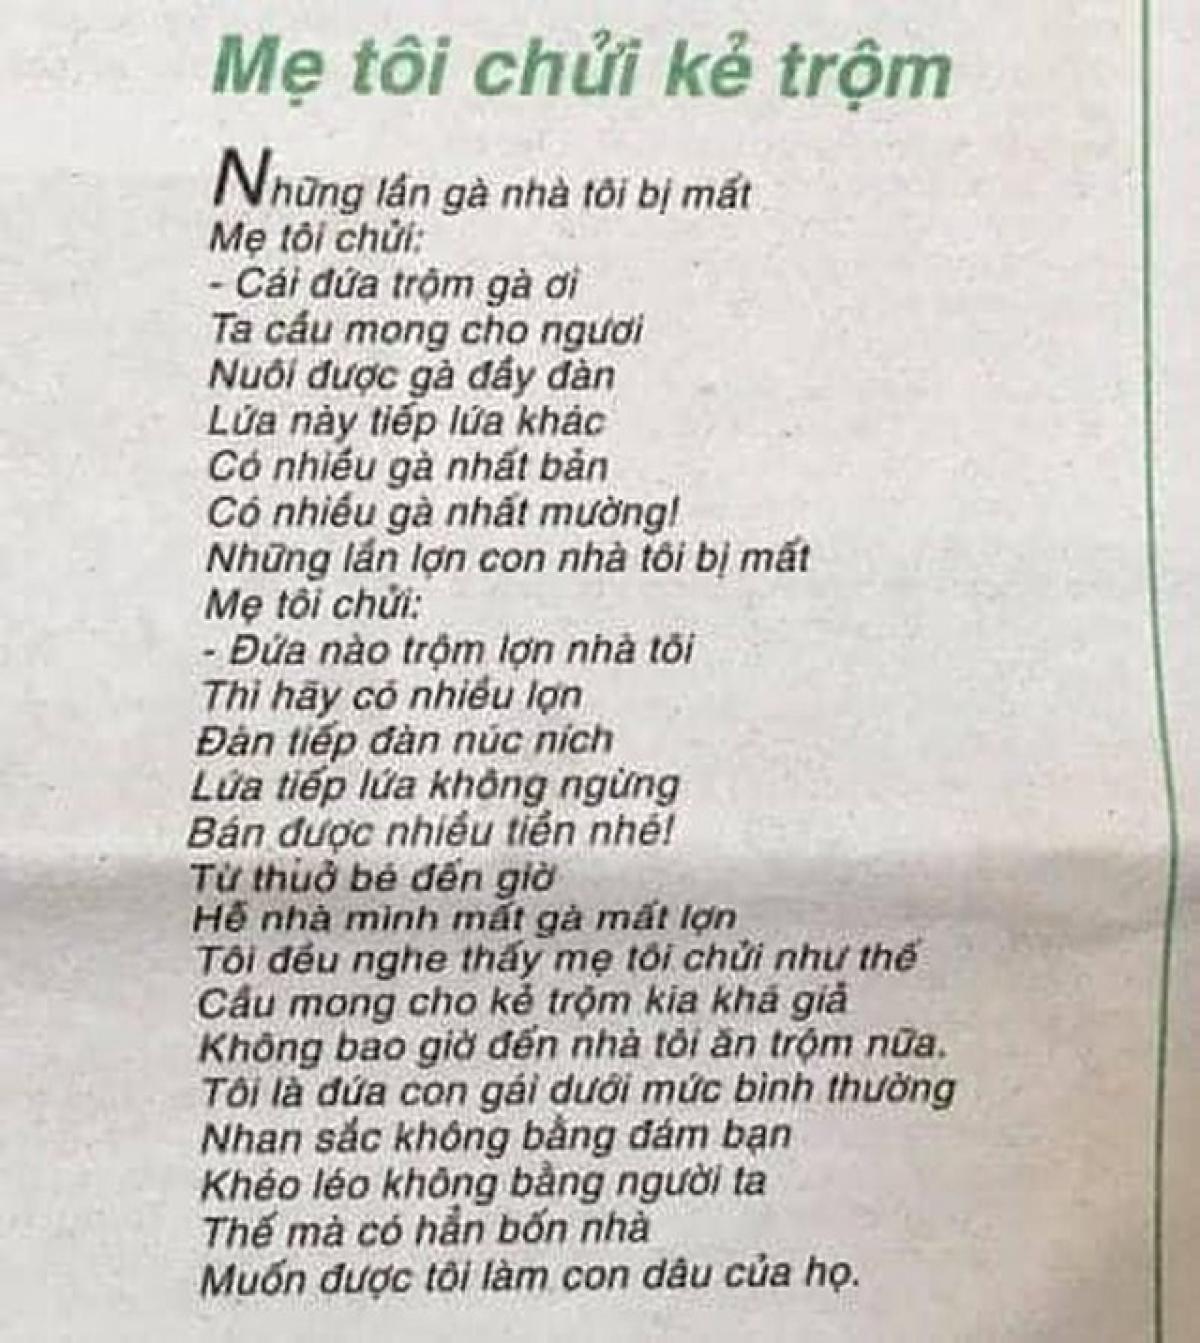 """Bài thơ """"Mẹ tôi chửi kẻ trộm"""" gây tranh cãi."""